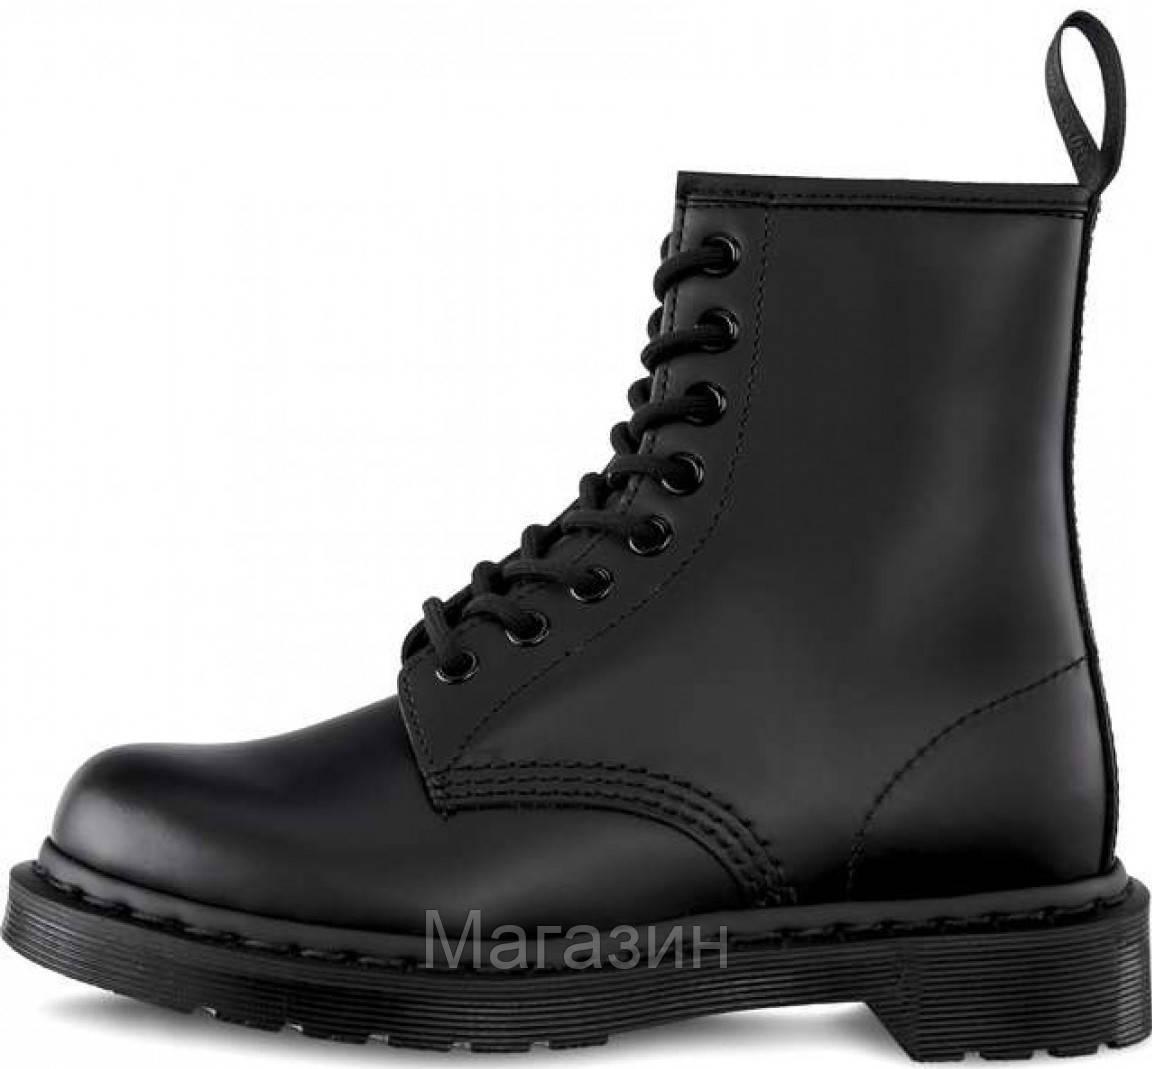 Женские зимние ботинки Dr. Martens 1460 Black Smooth VEGAN Fur Доктор Мартинс С МЕХОМ черные